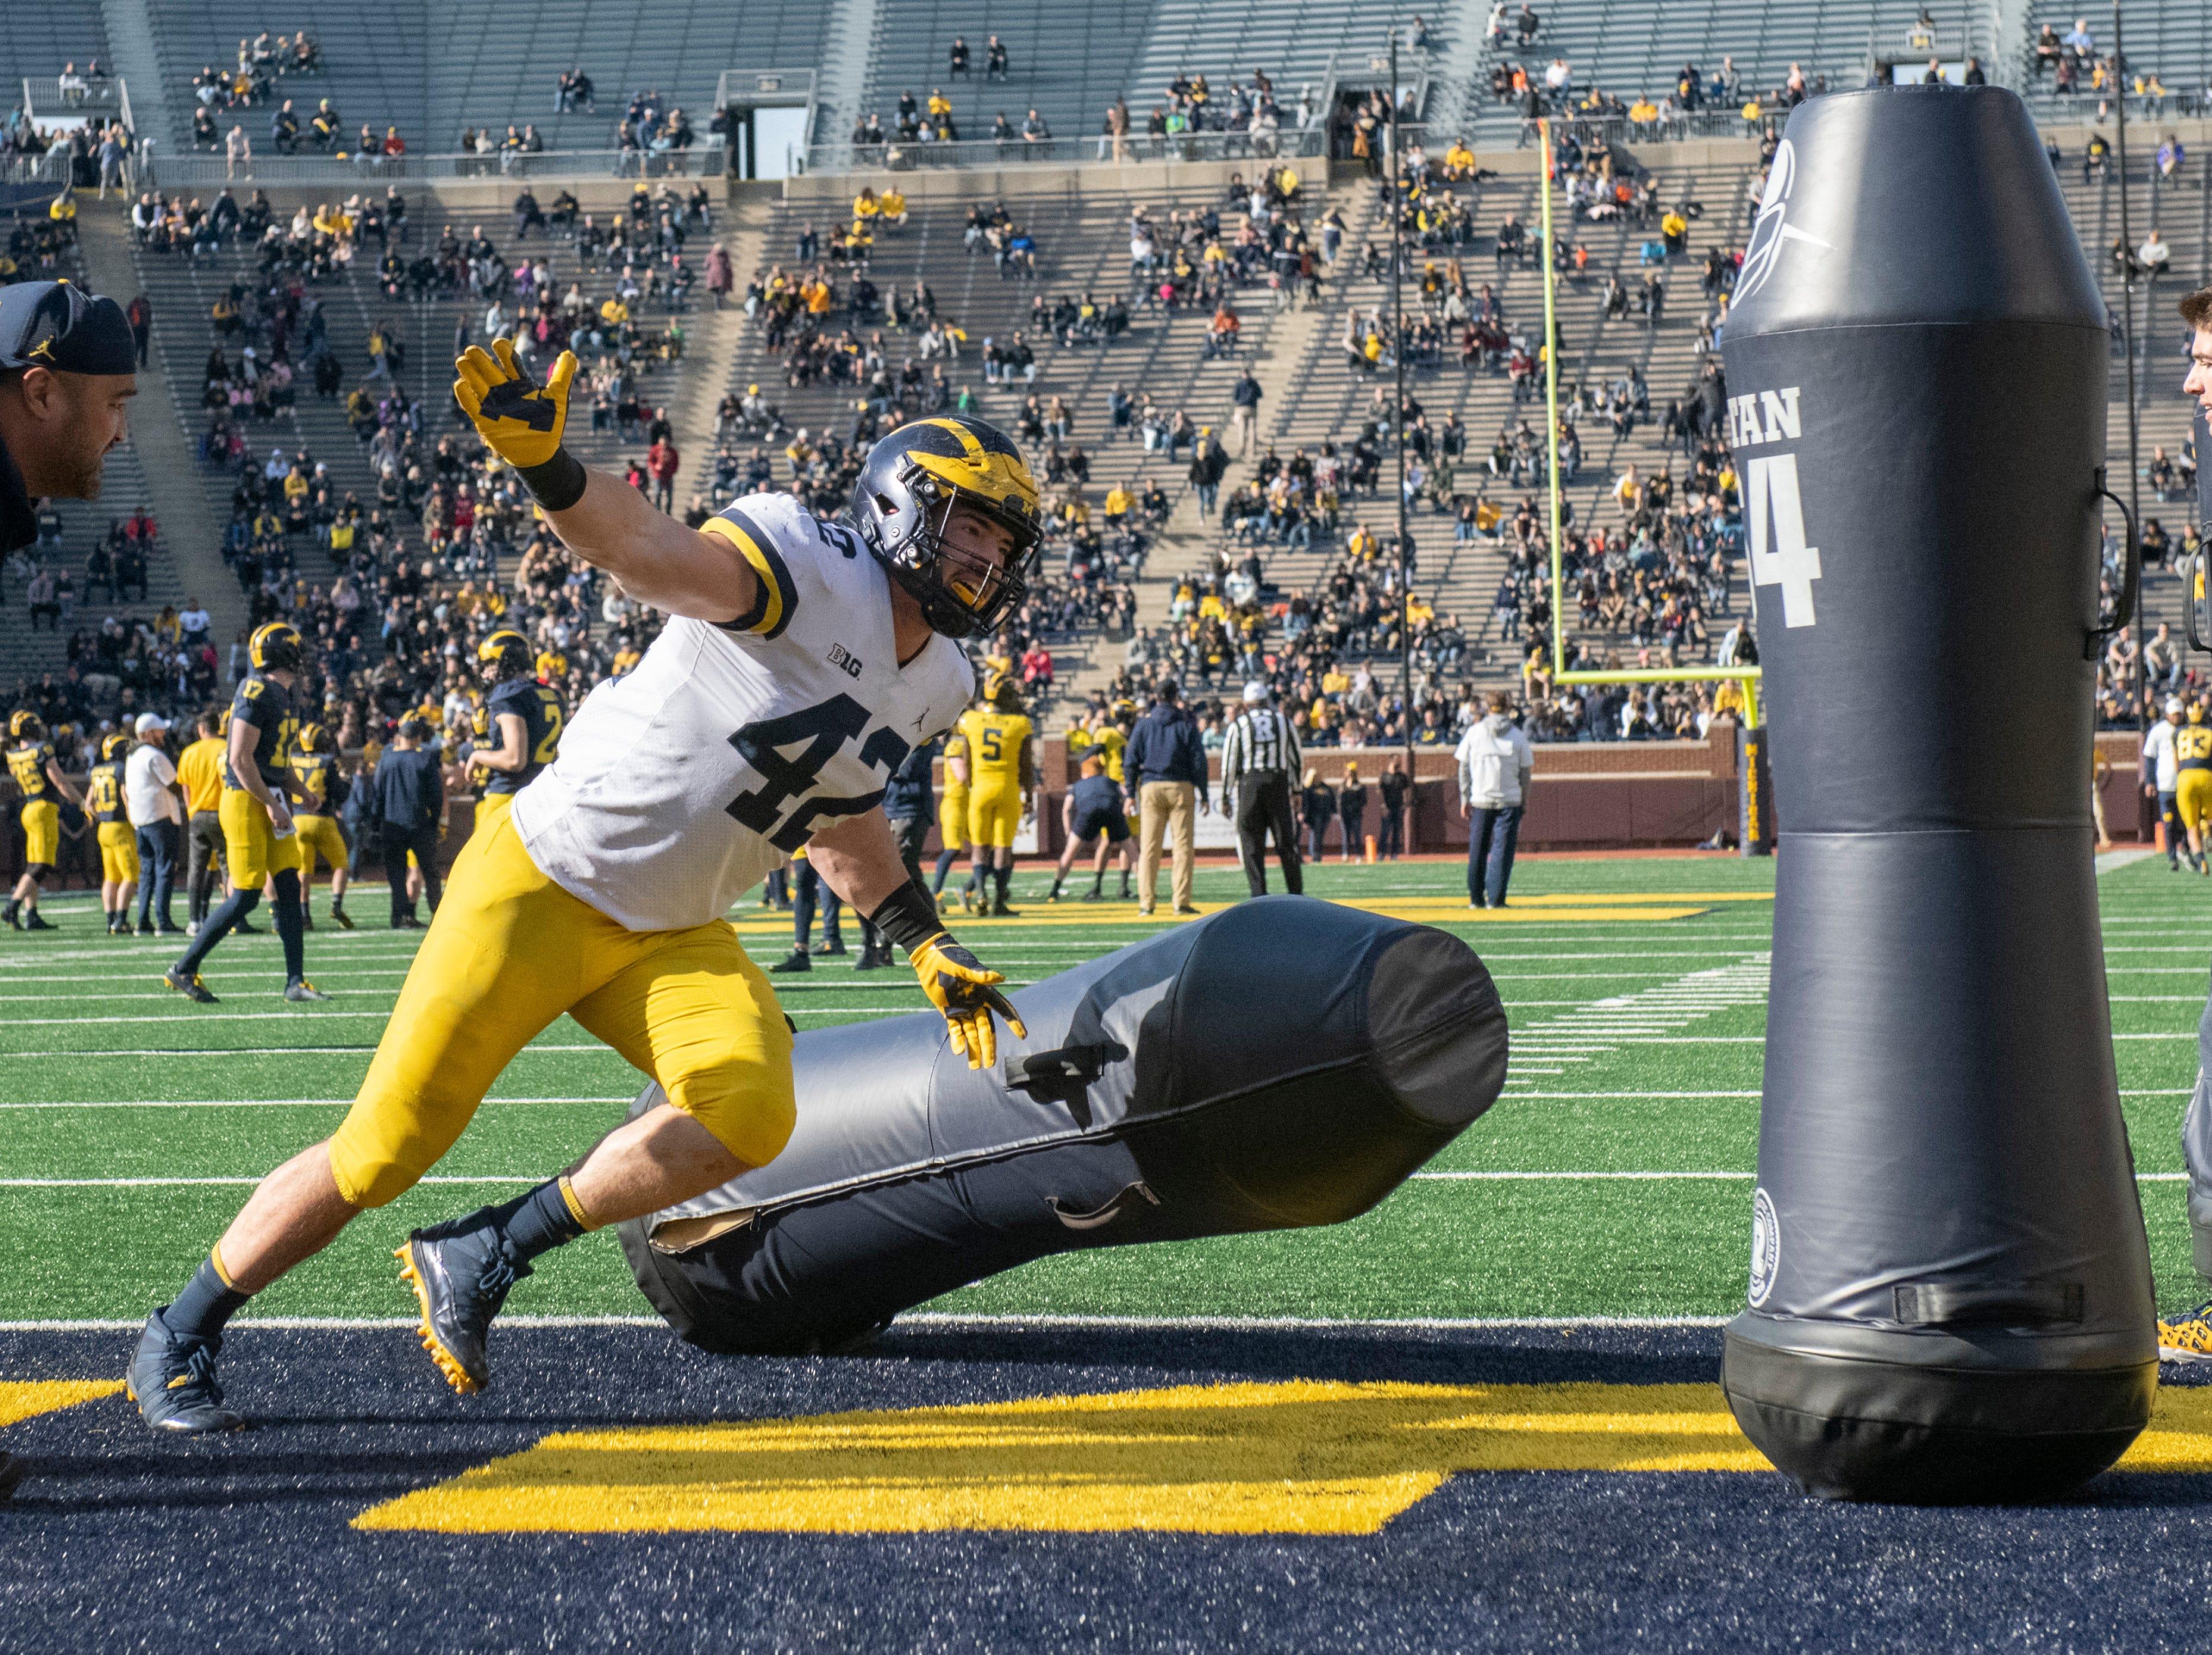 Michigan defensive lineman Ben Mason knocks down tackling dummies during a drill.